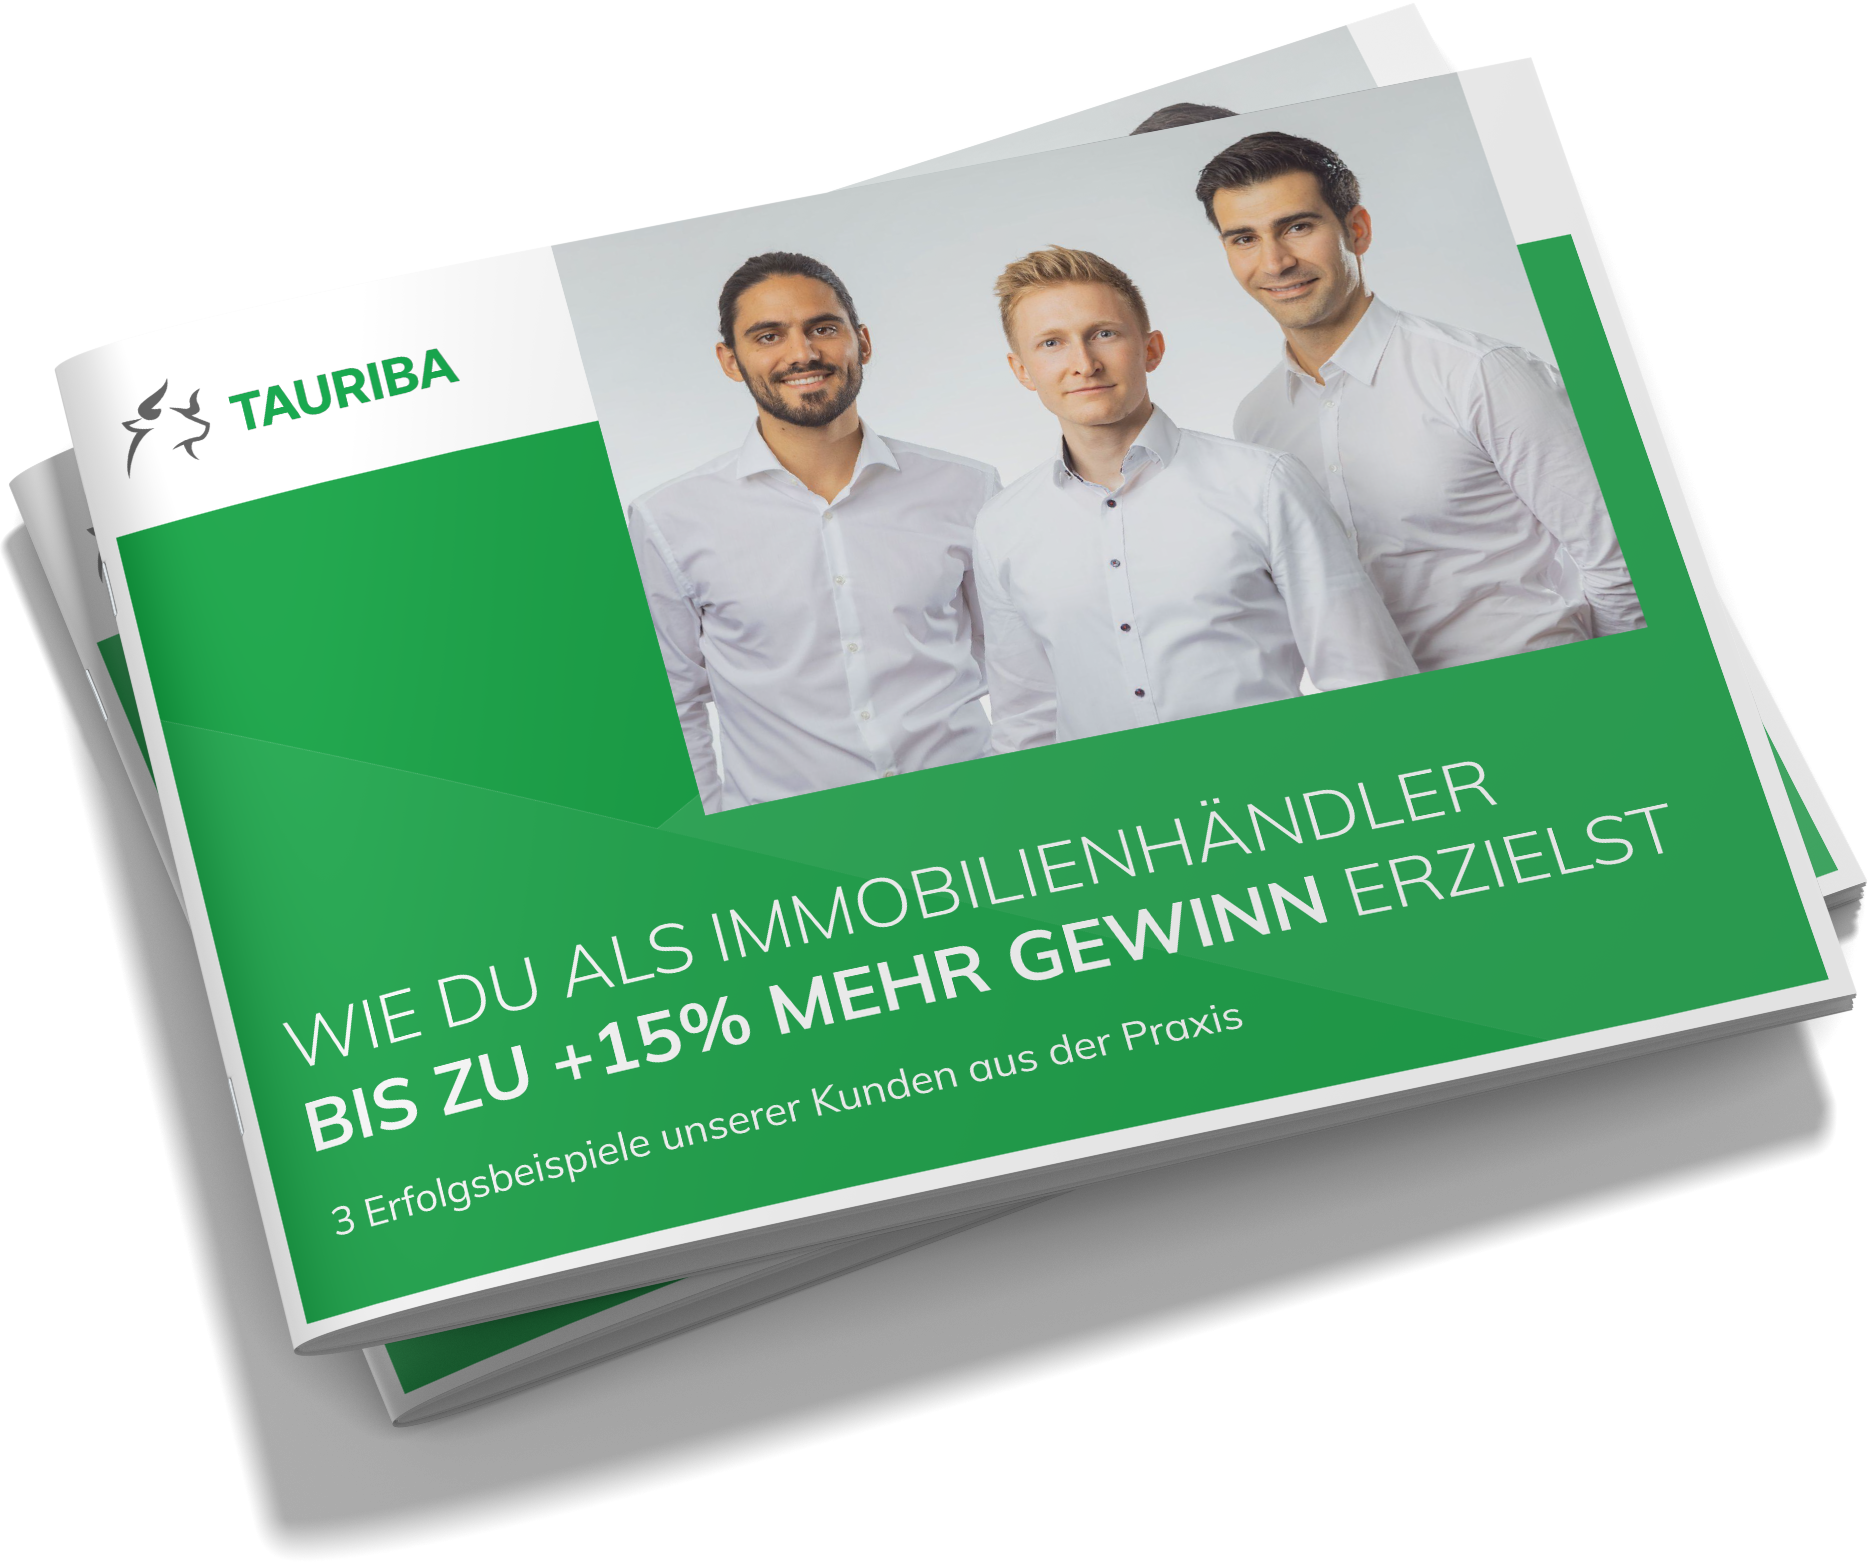 TAURIBA Whitepaper